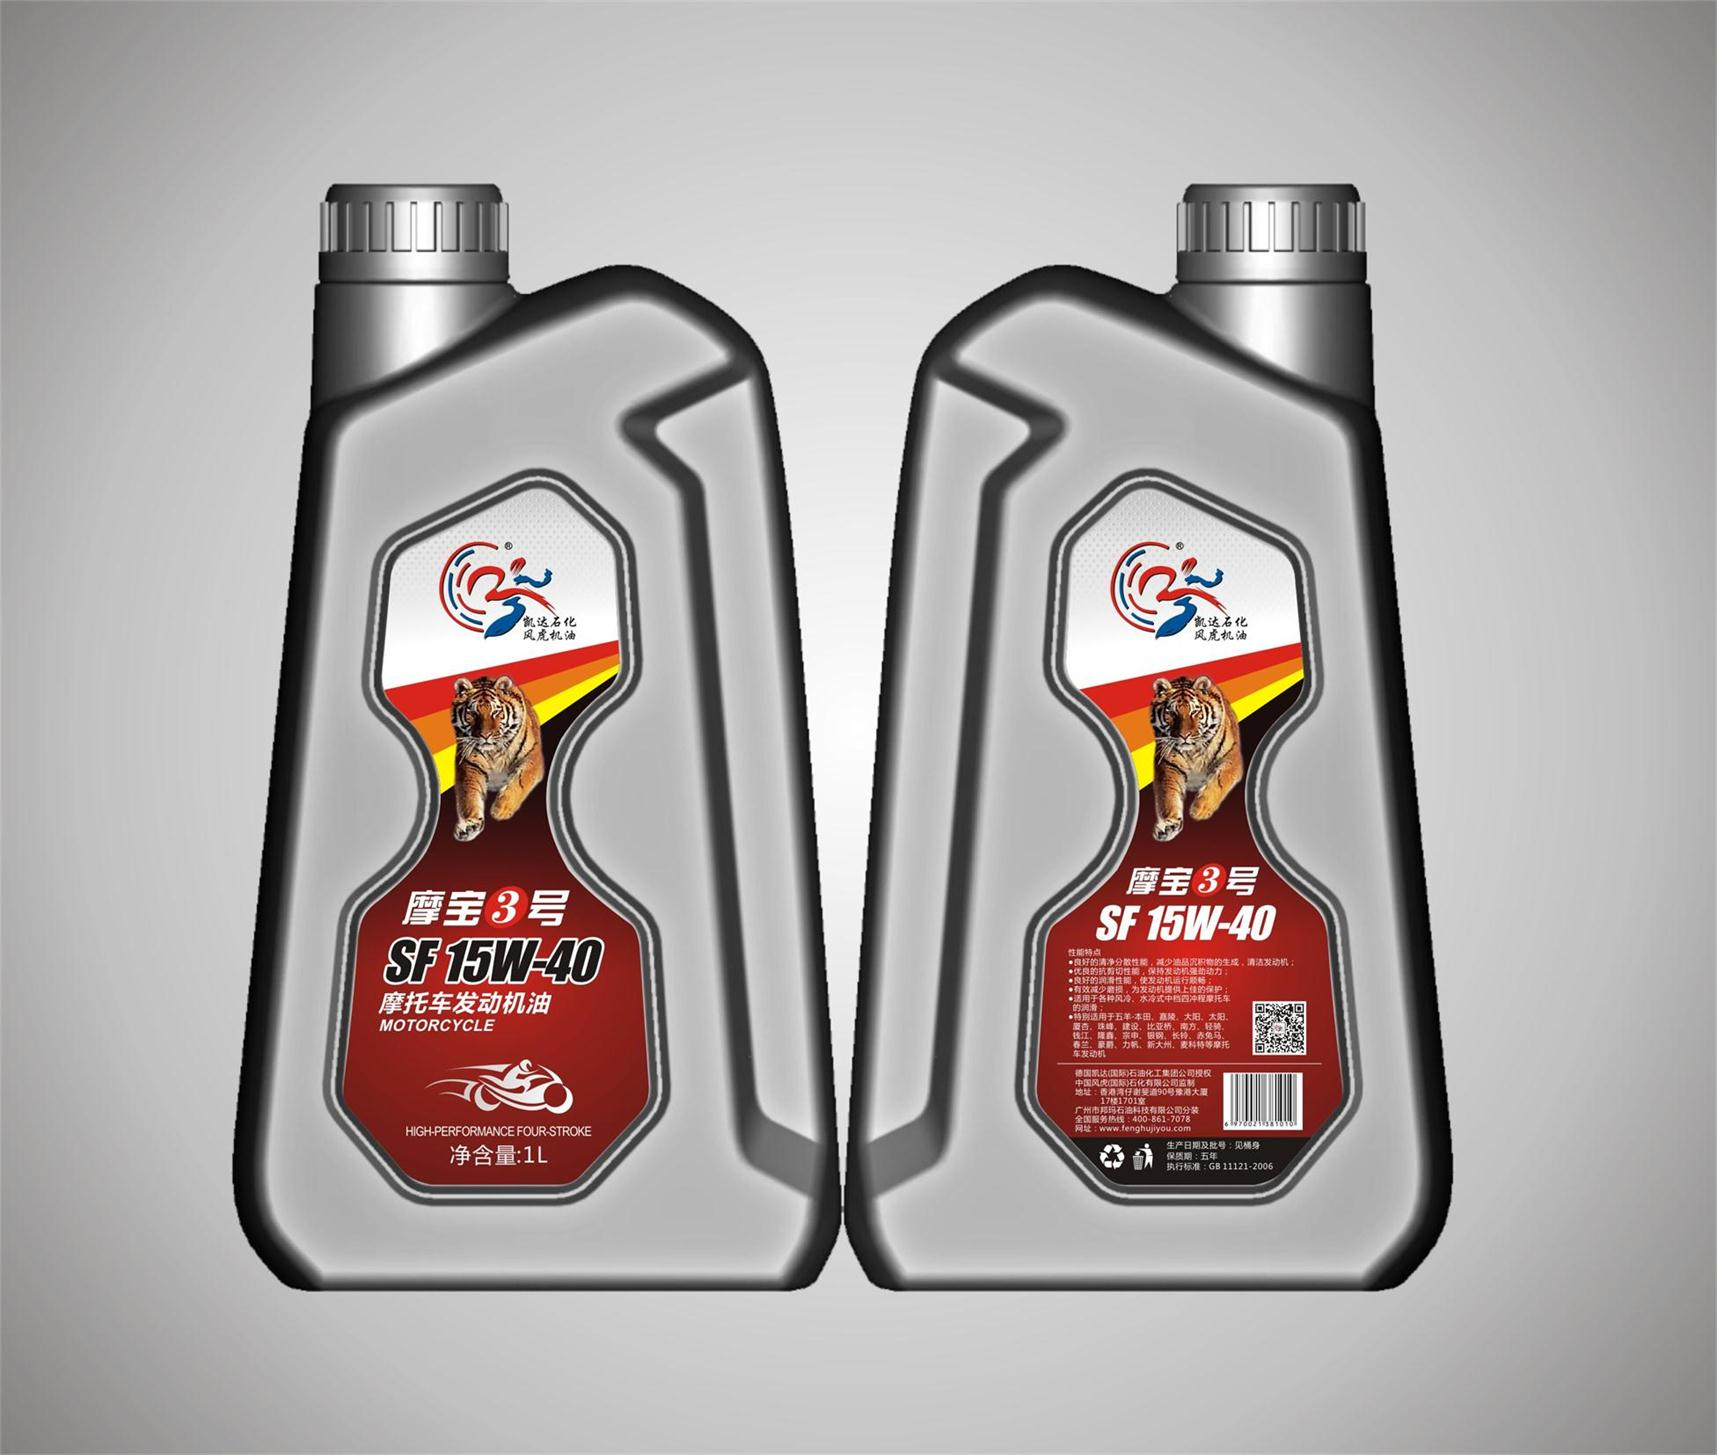 物超所值的二轮摩托车机油摩宝3号供应 摩宝3号制造商